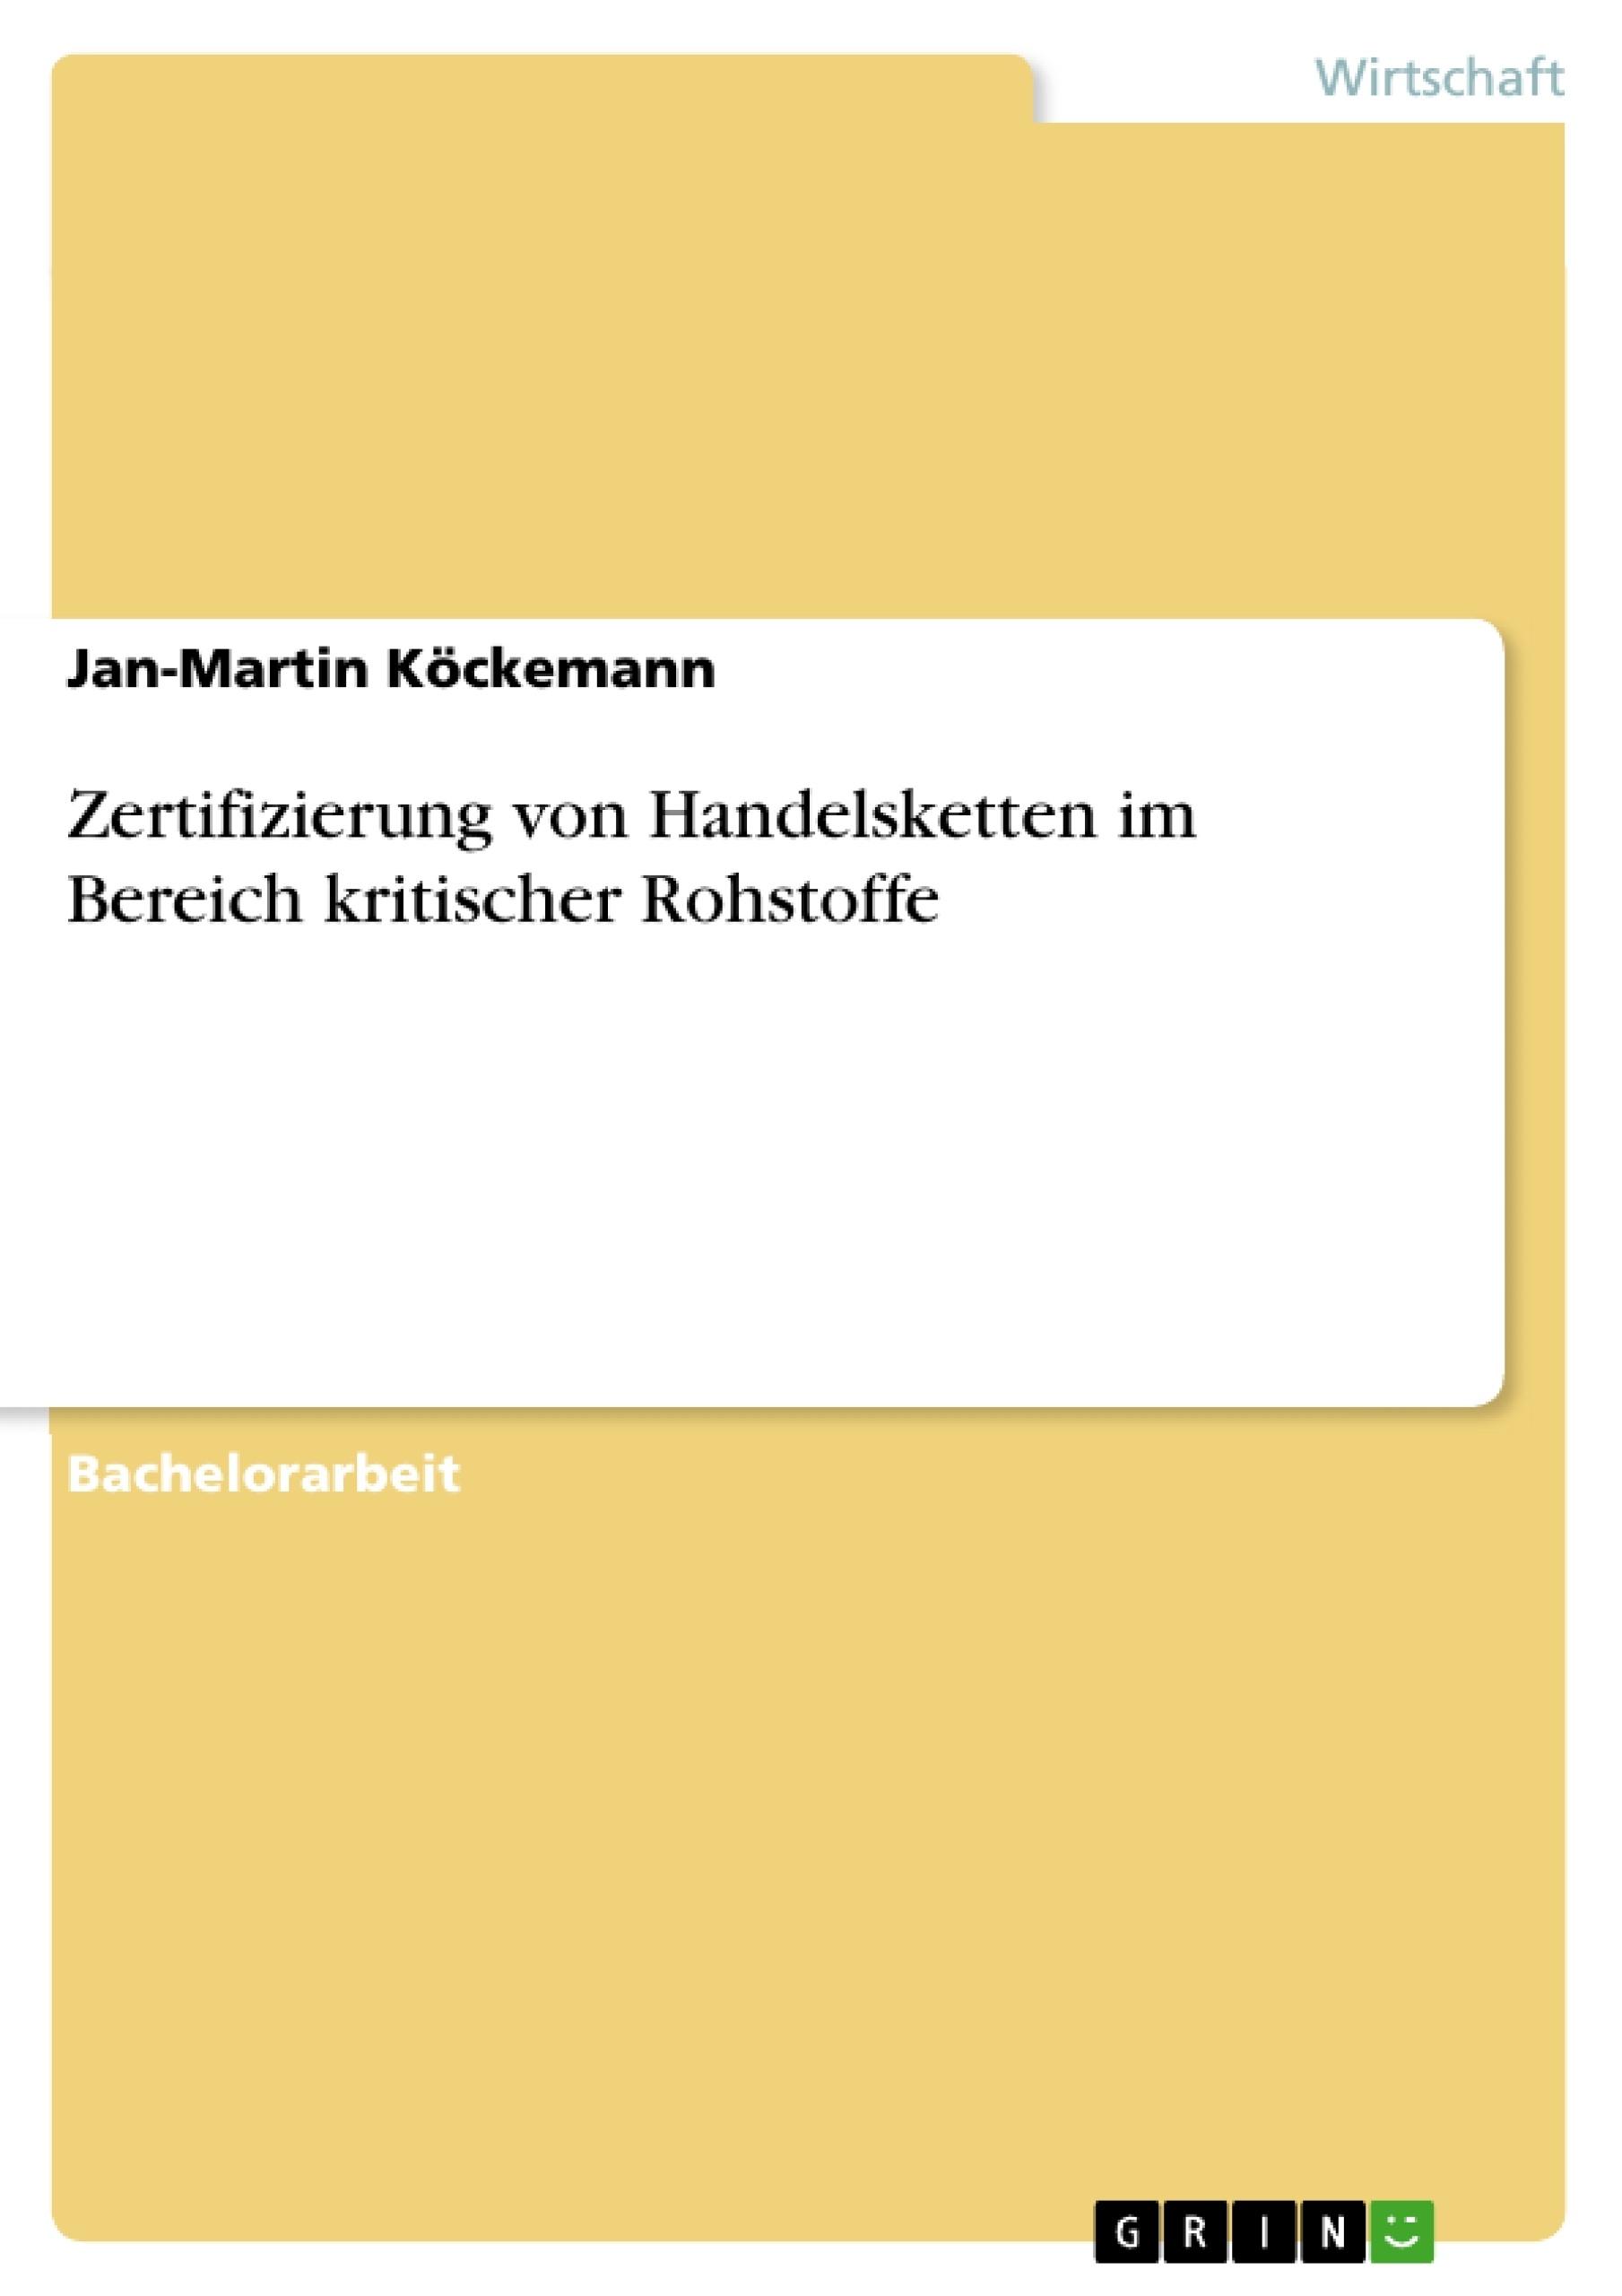 Titel: Zertifizierung von Handelsketten im Bereich kritischer Rohstoffe